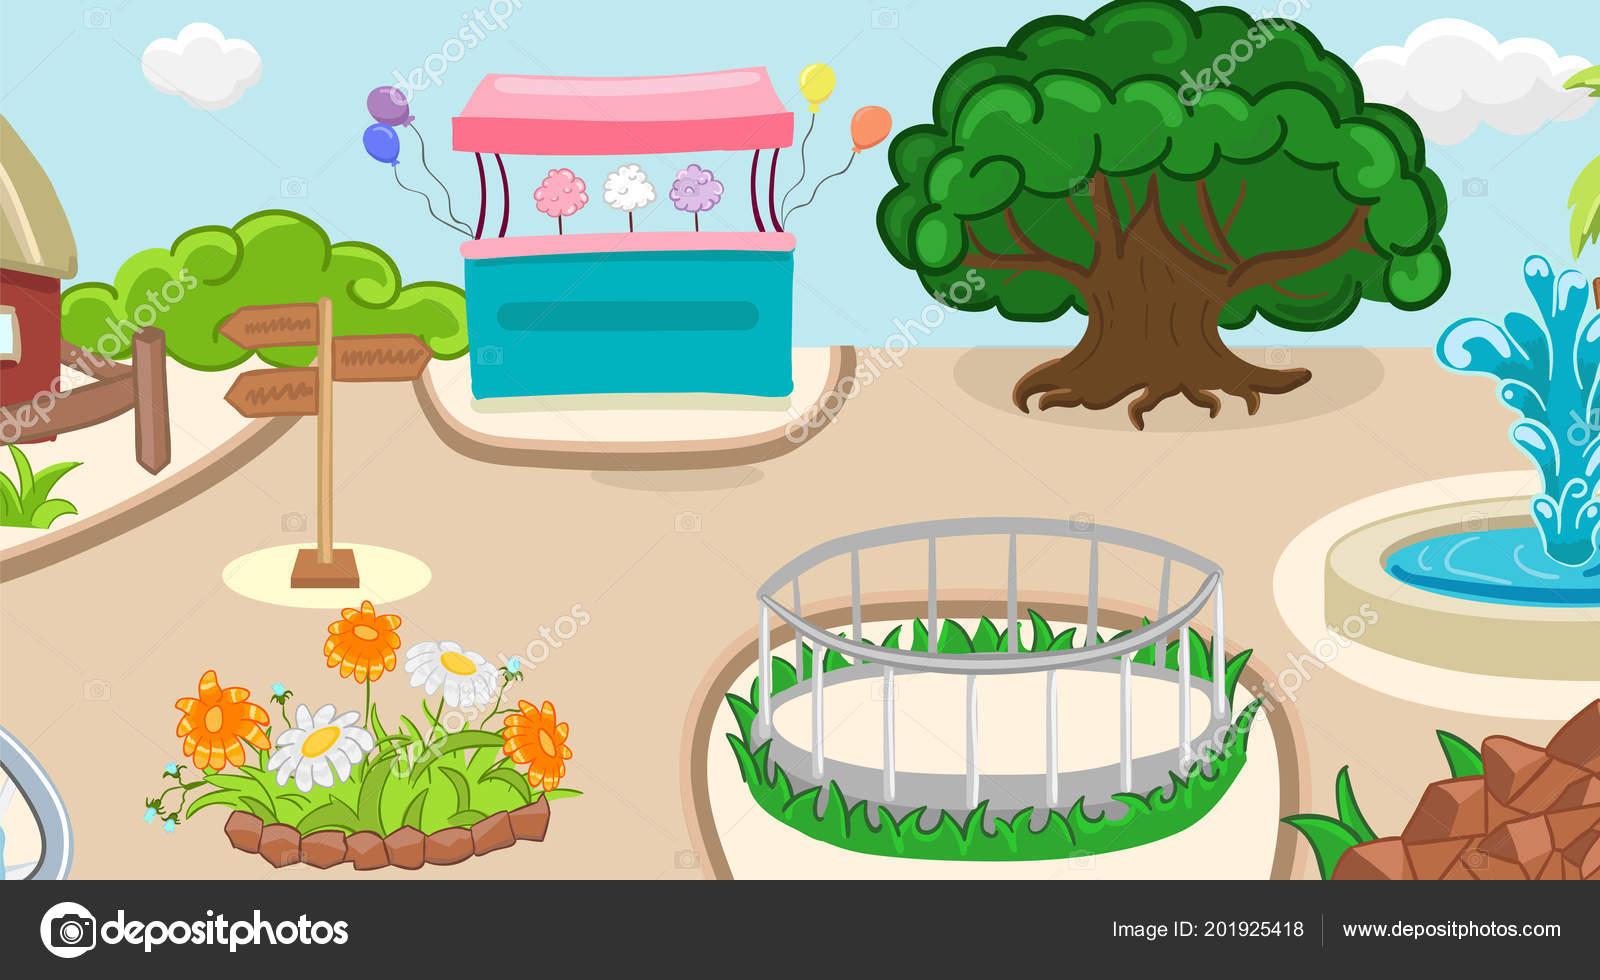 Pamuk şeker Kılavuzu çiçekler Ile Hayvanat Bahçesi Arka Plan Boyama